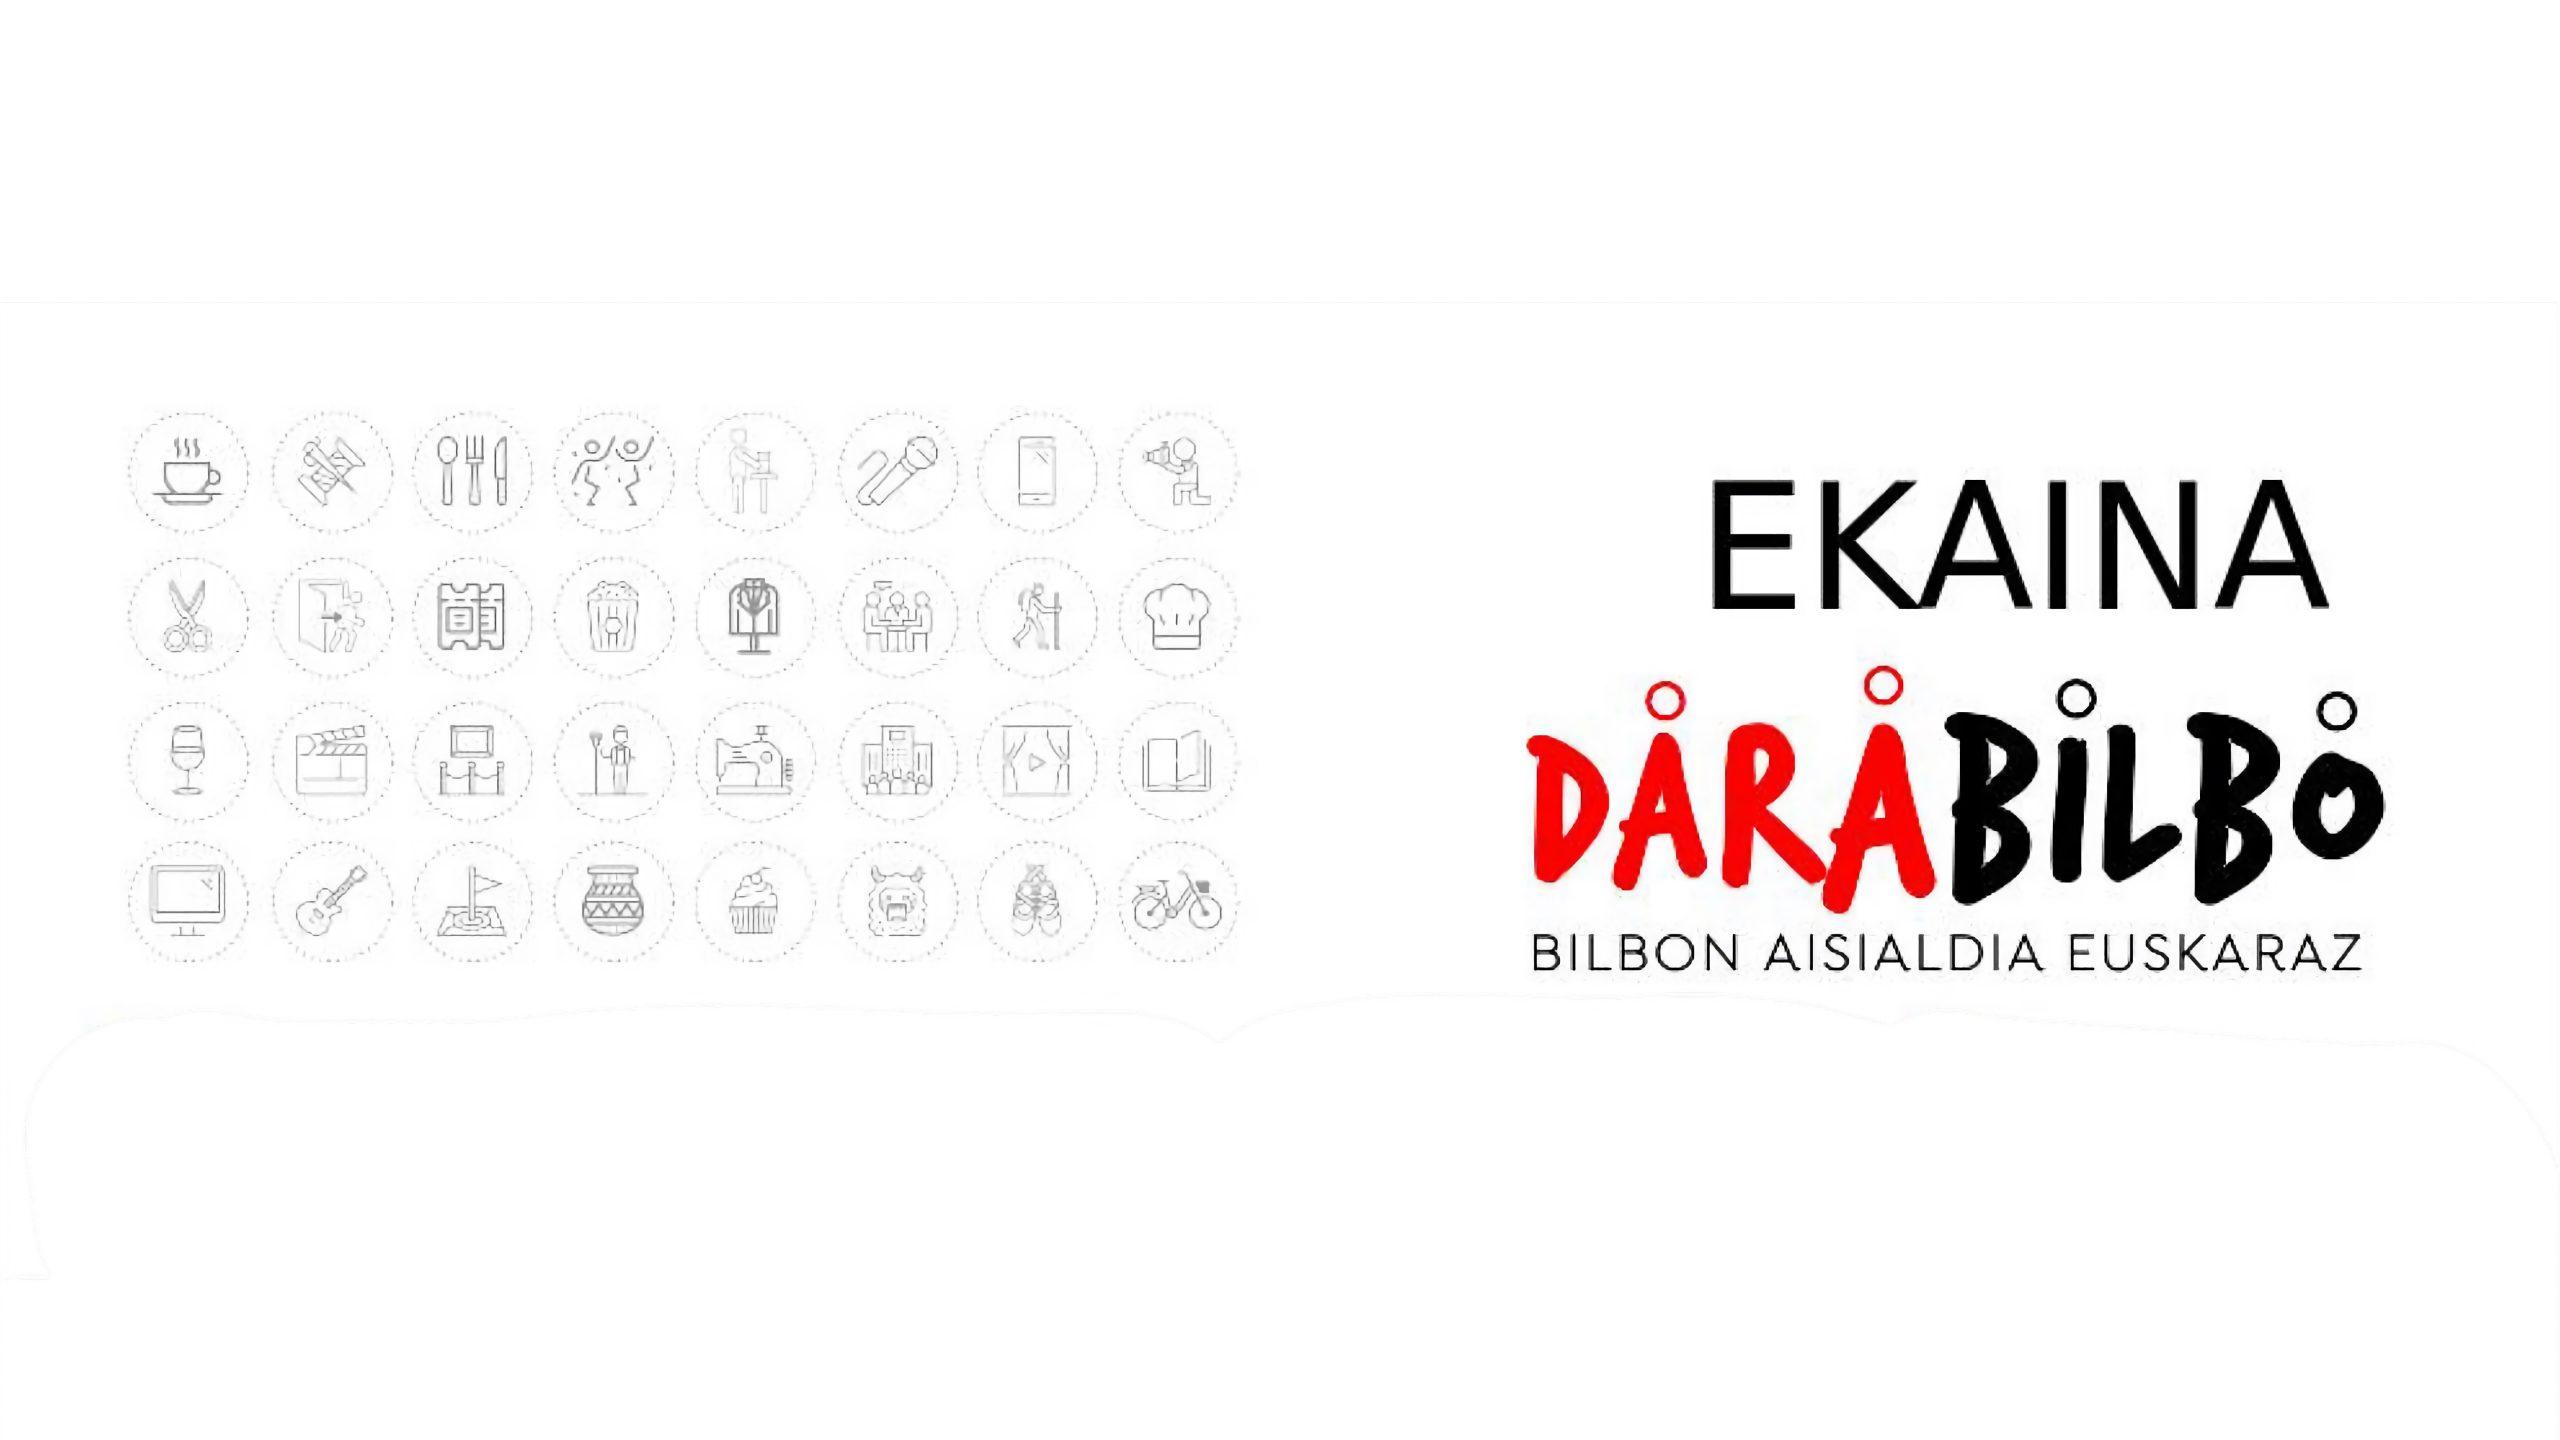 Darabilbo ofrece 12 actividades de ocio en euskera para el mes de junio